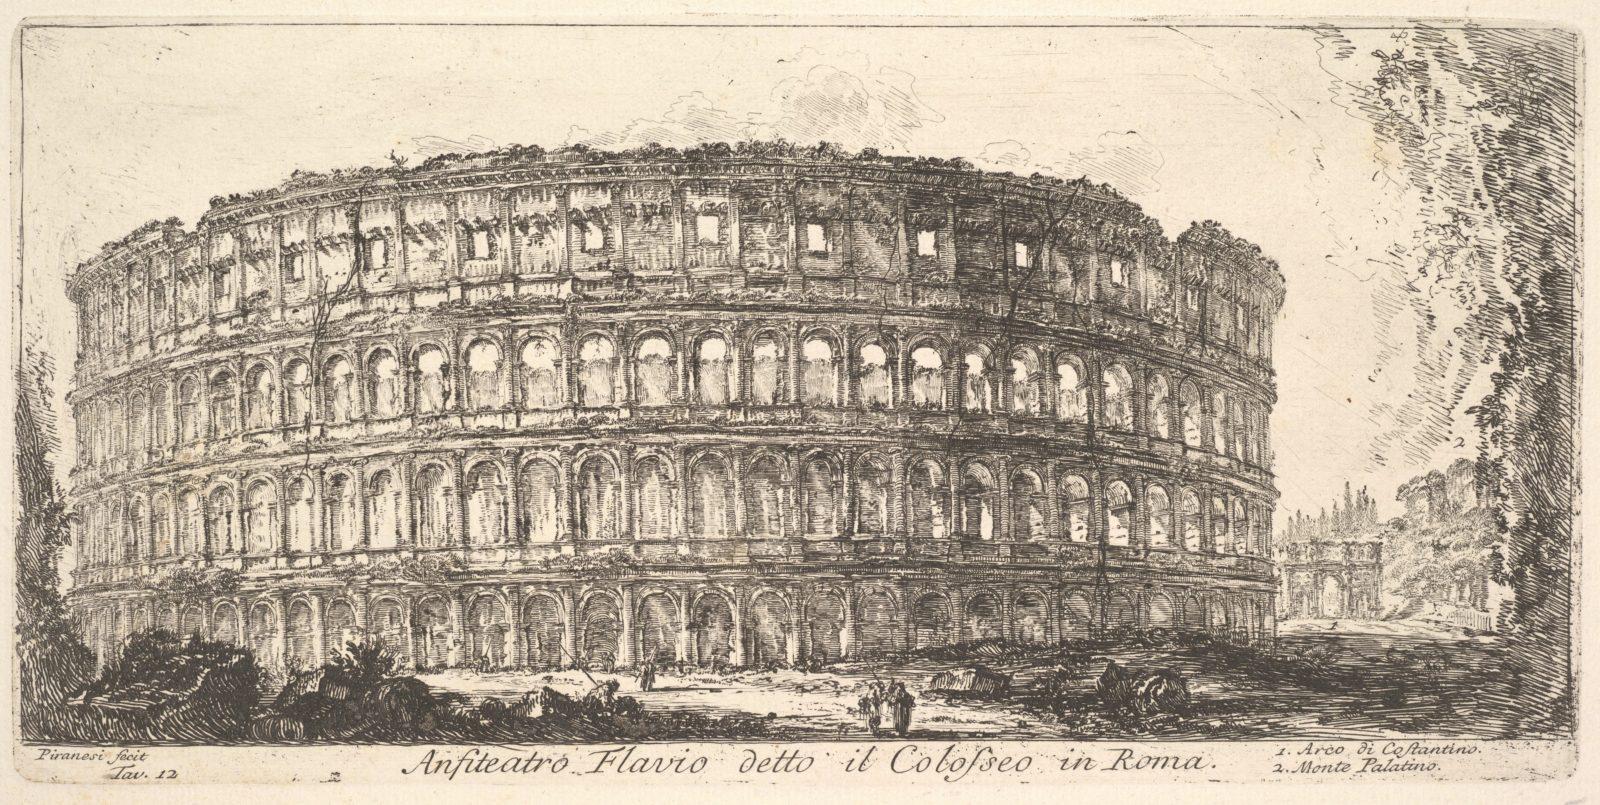 Plate 12: Flavian Amphitheater, called the Colosseum. 1. Arch of Constantine. 2. Palatine Hill. (Anfiteatro Flavio detto il Colosseo in Roma. 1. Arco di Costantino. 2. Monte Palatino.)